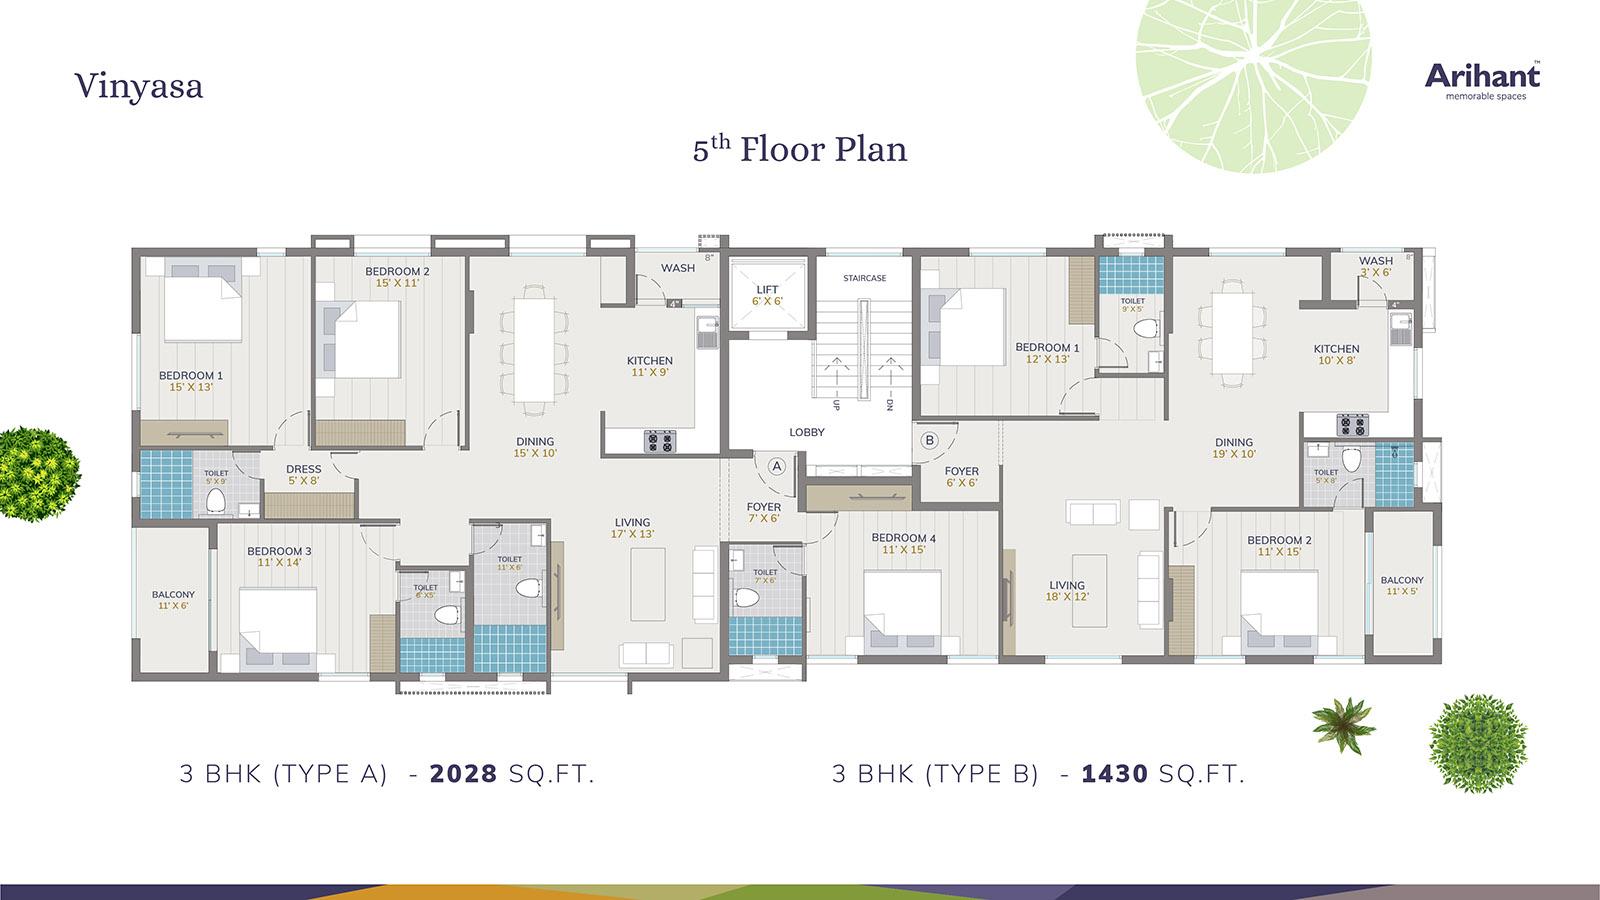 Arihant Vinyasa 5th Floor